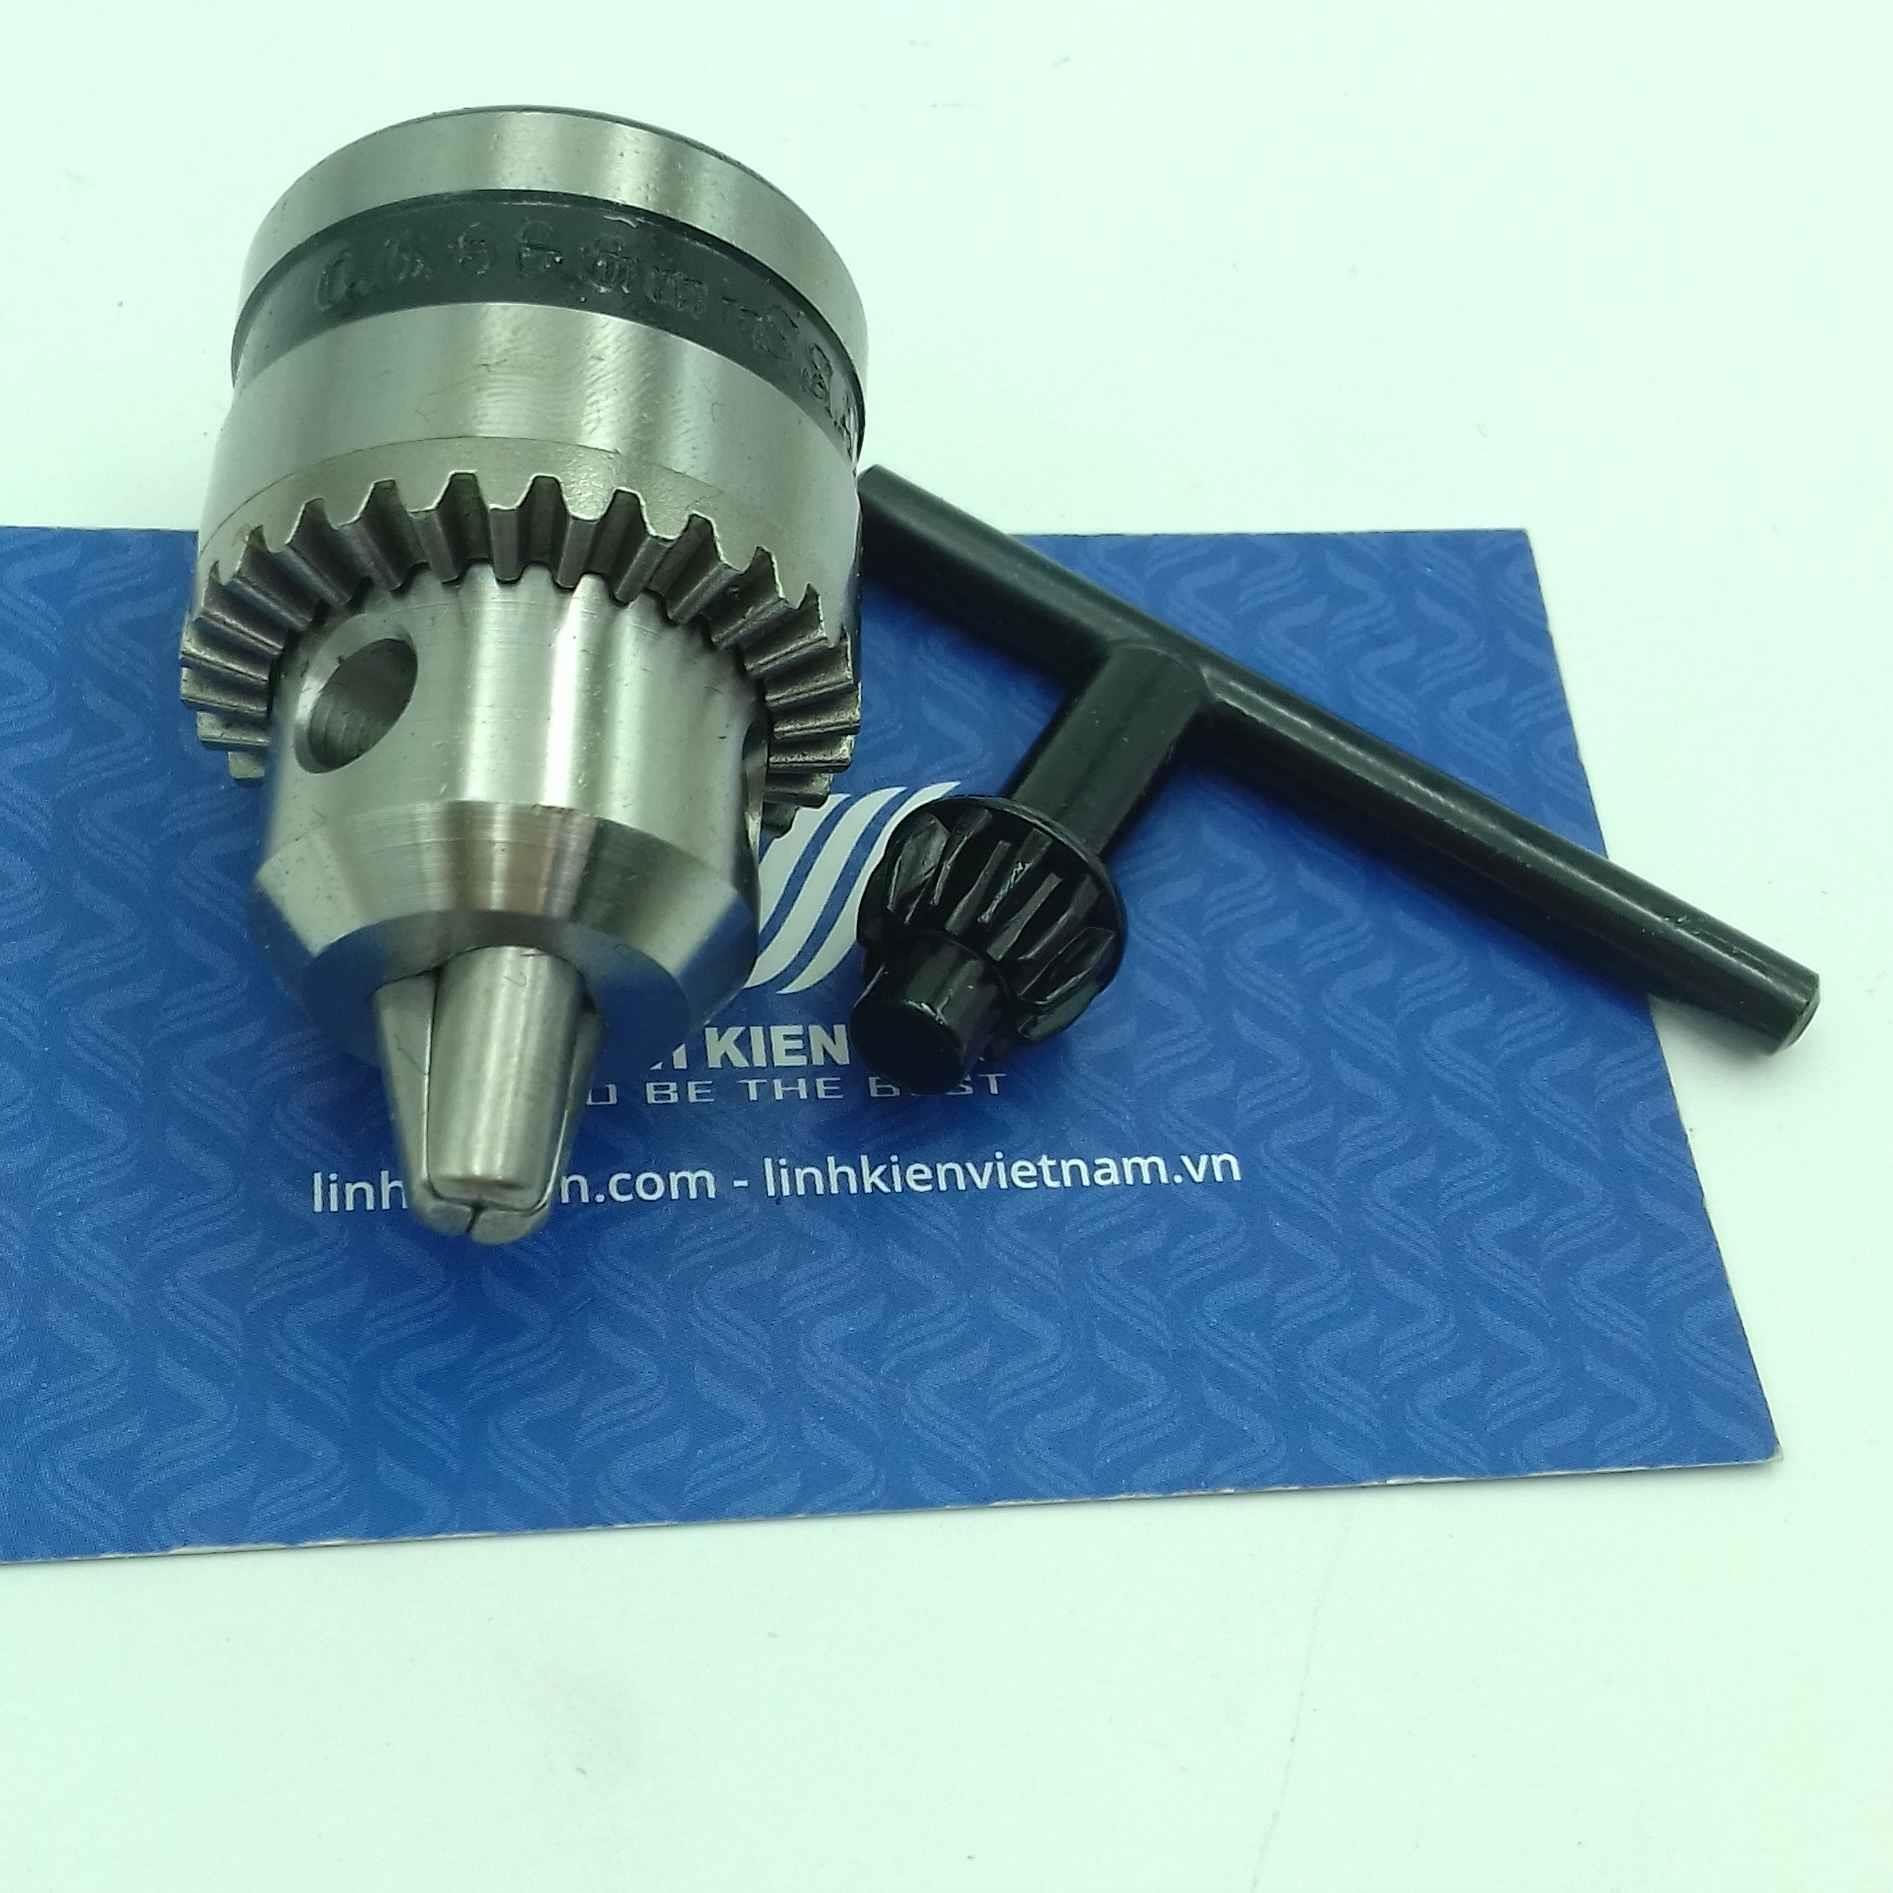 đầu kẹp mũi khoan 0.6-6mm / trục giữ mũi khoang / Đầu khoan mạch 0.6-6.5mm - i5H13